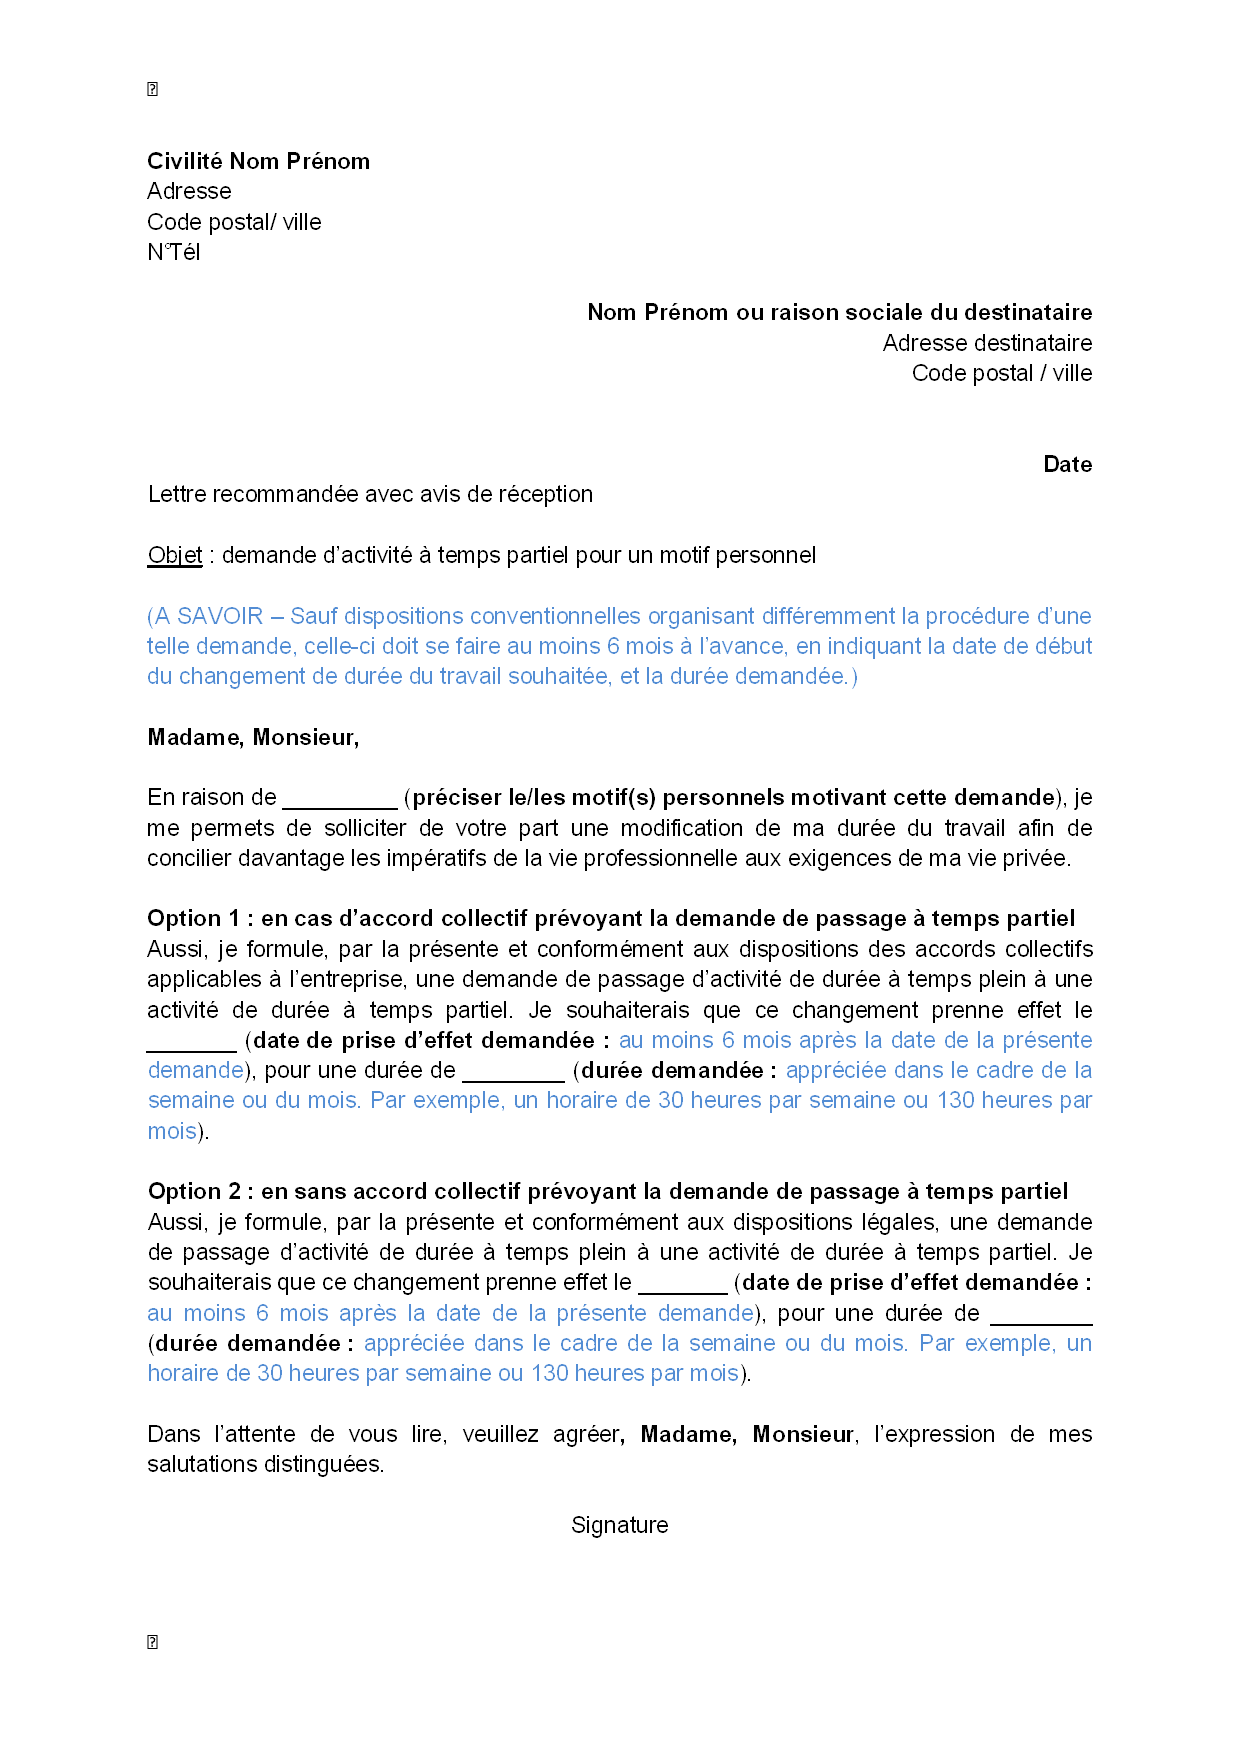 lettre de demande  par le salari u00e9  d u0026 39 activit u00e9  u00e0 temps partiel pour un motif personnel divers